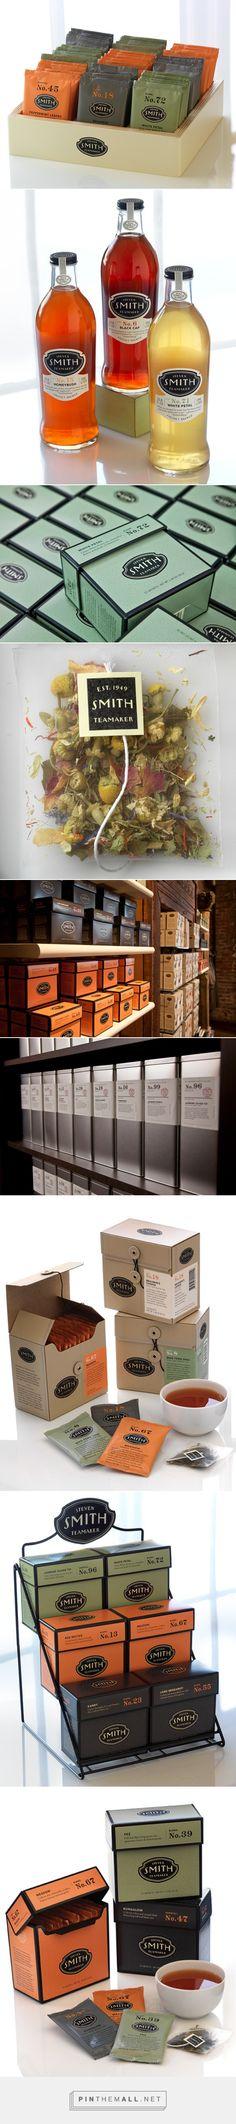 Steven Smith Teamaker packaging designed by Sandstrom Partners